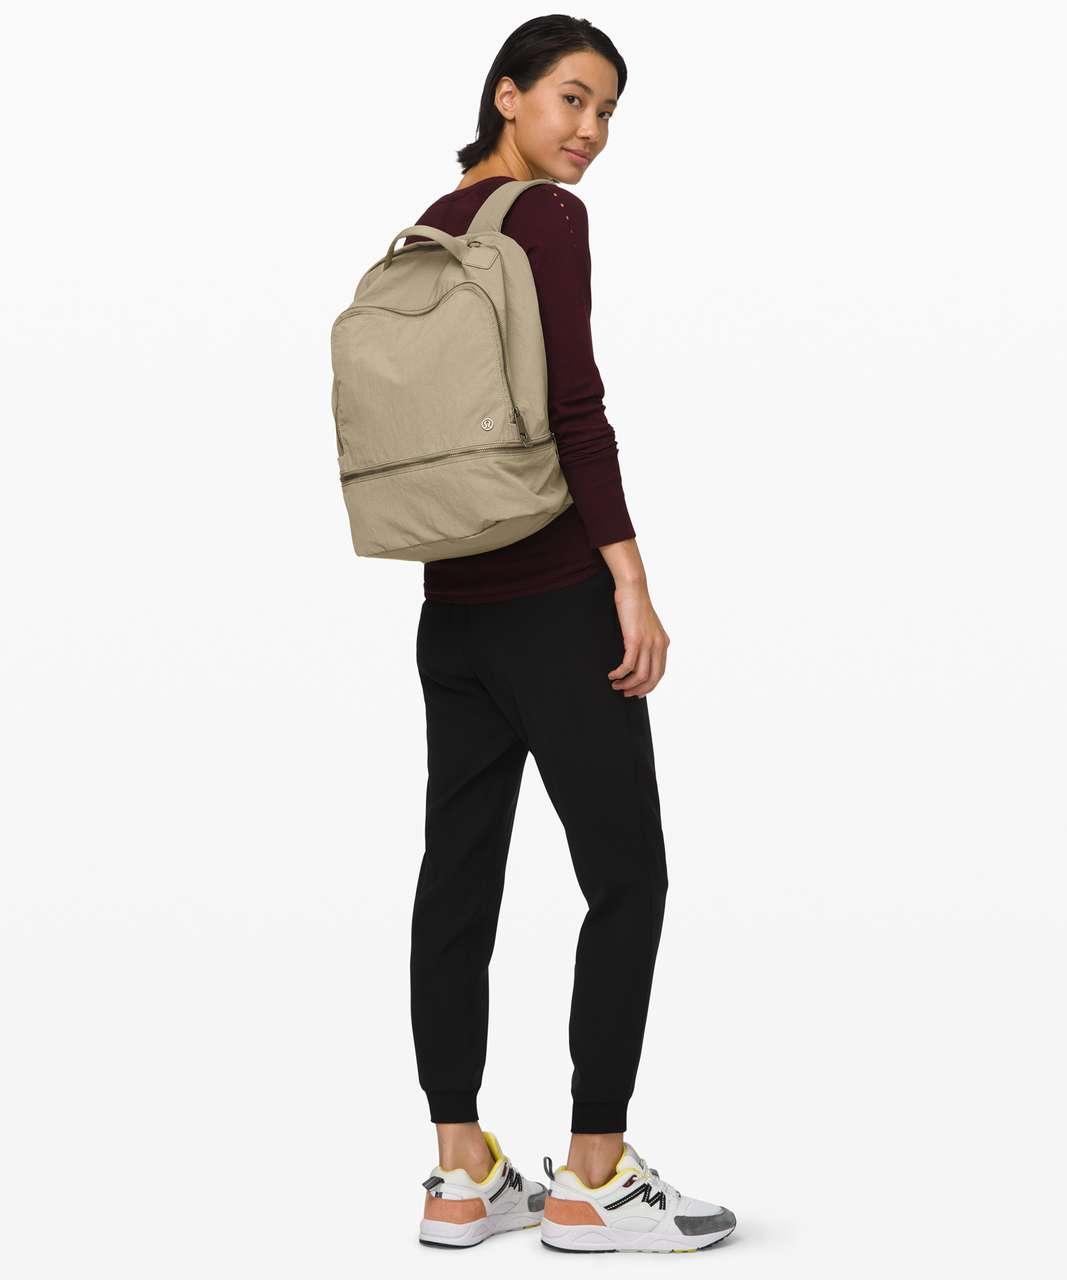 Lululemon City Adventurer Backpack *17L - Highlander